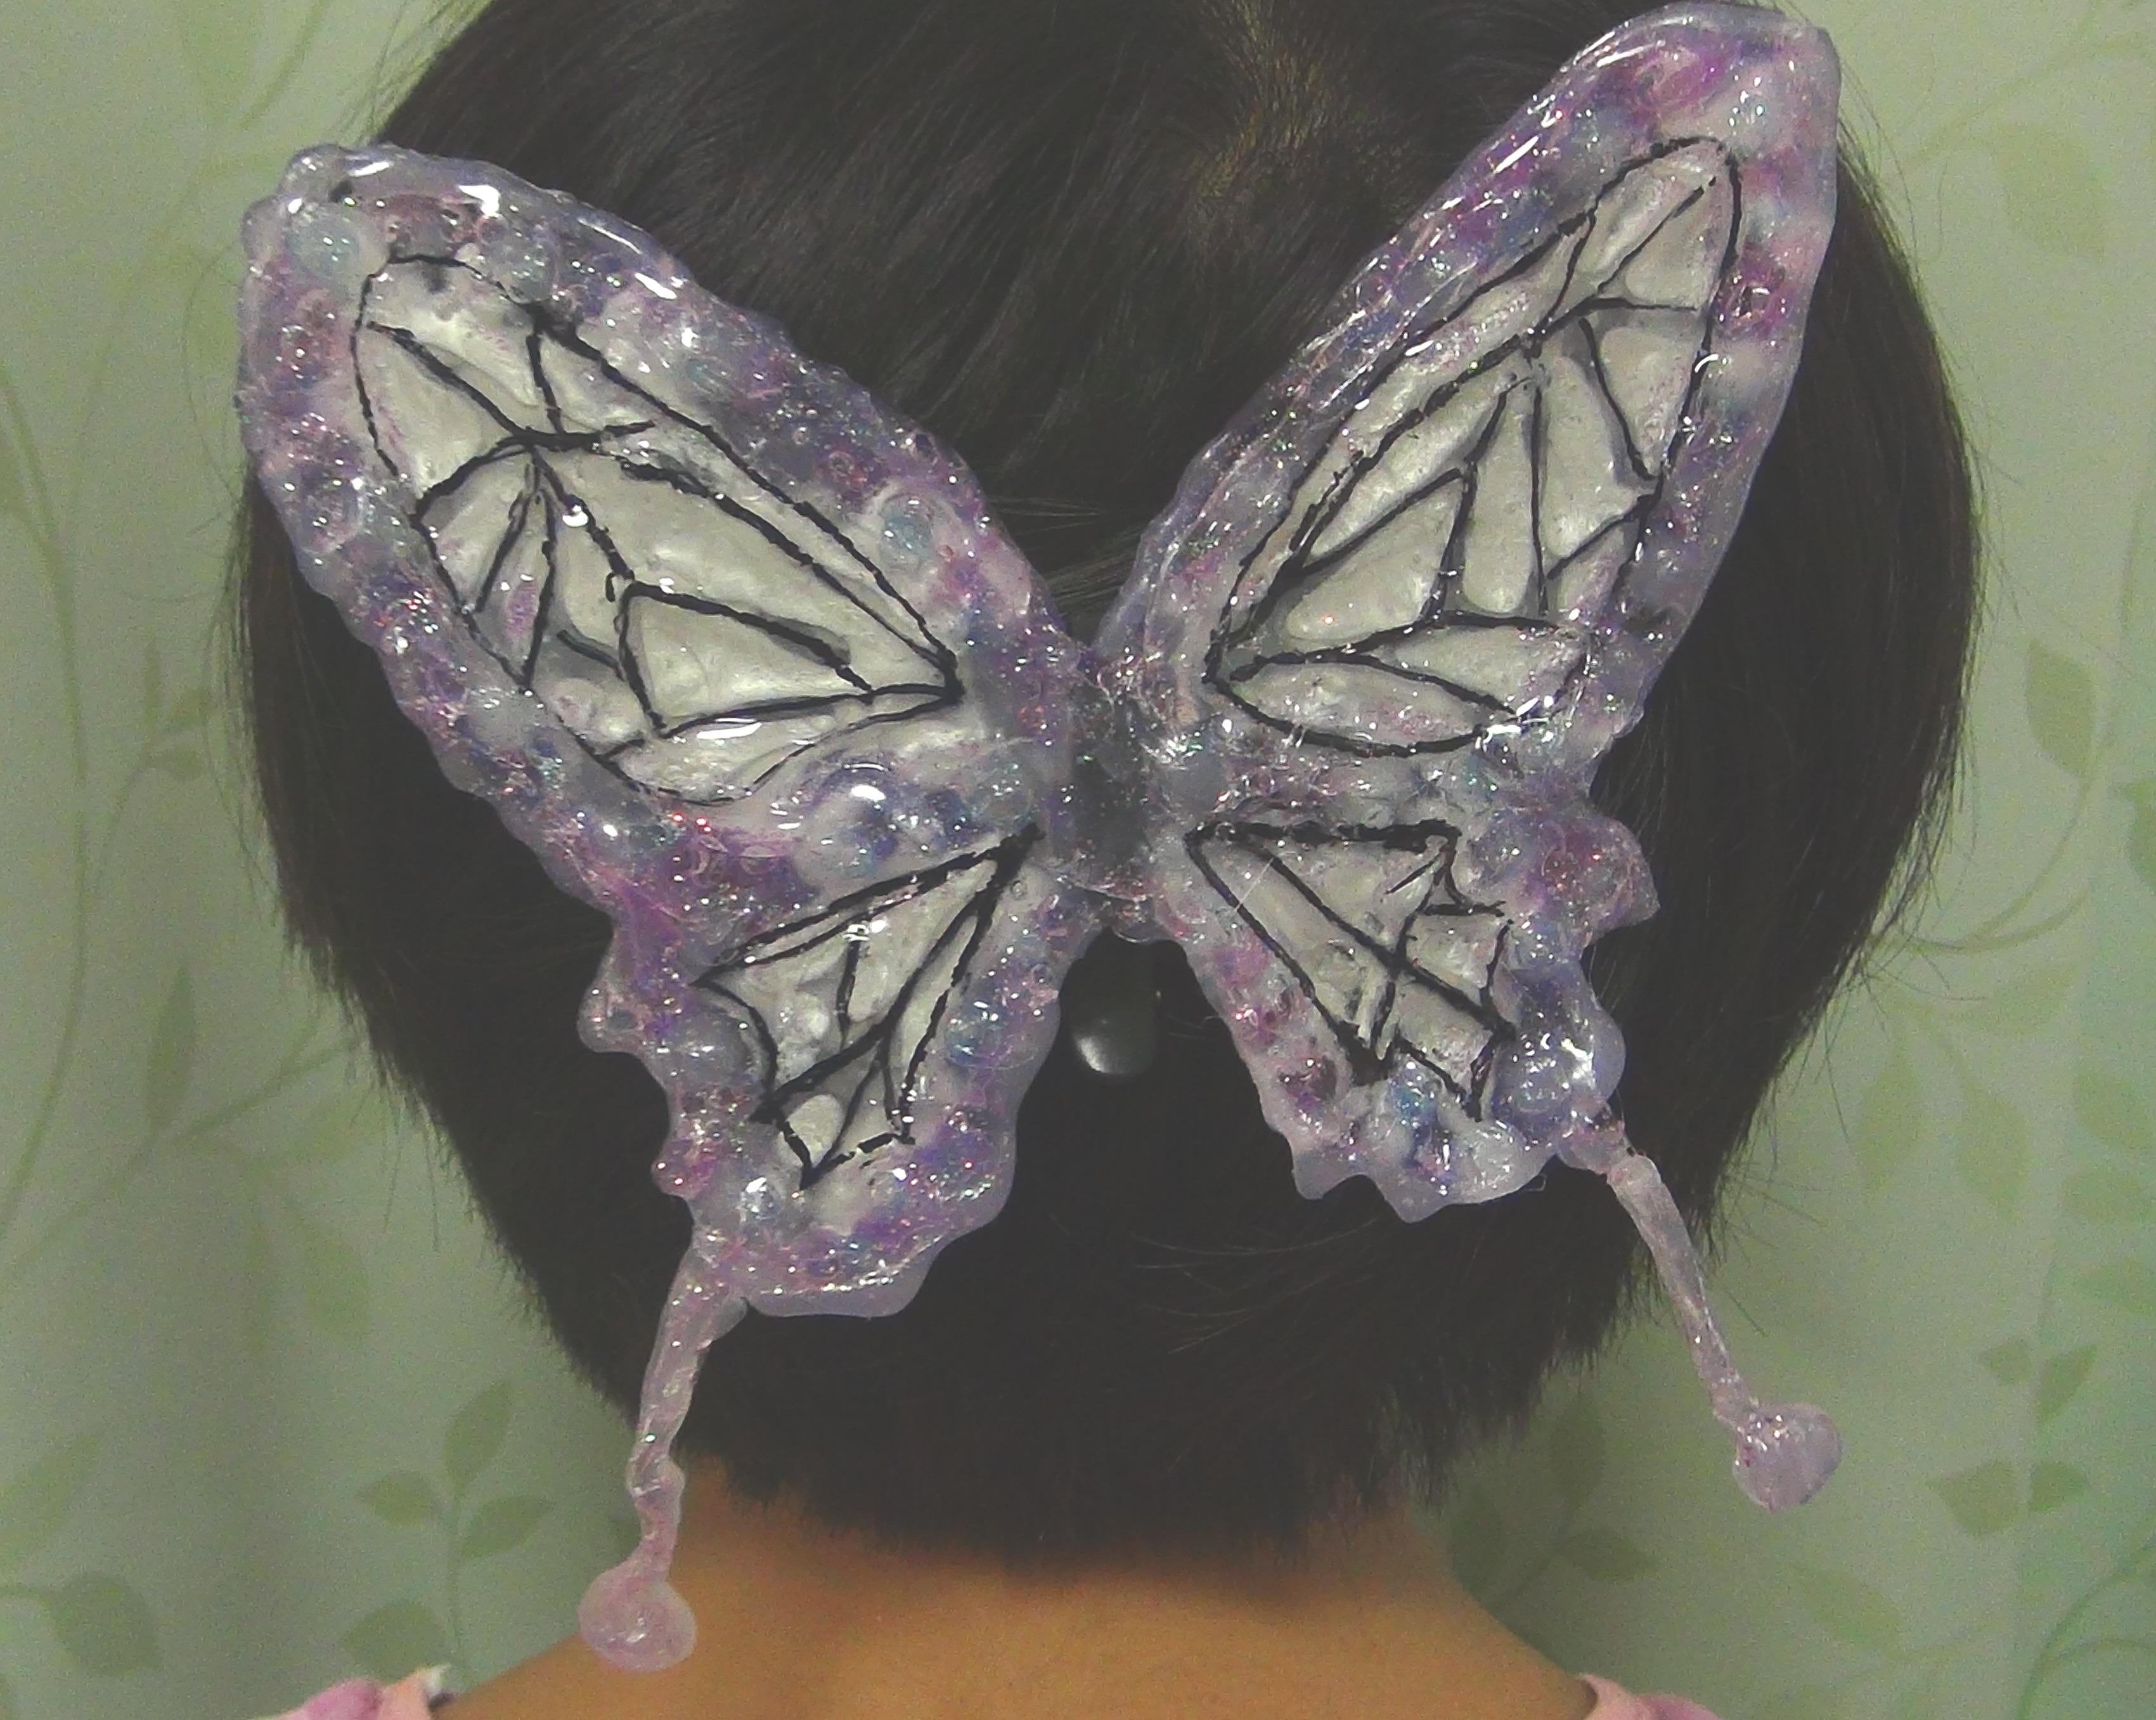 鬼滅の刃!!胡蝶しのぶちゃんの蝶の髪飾りの作り方!動画作成